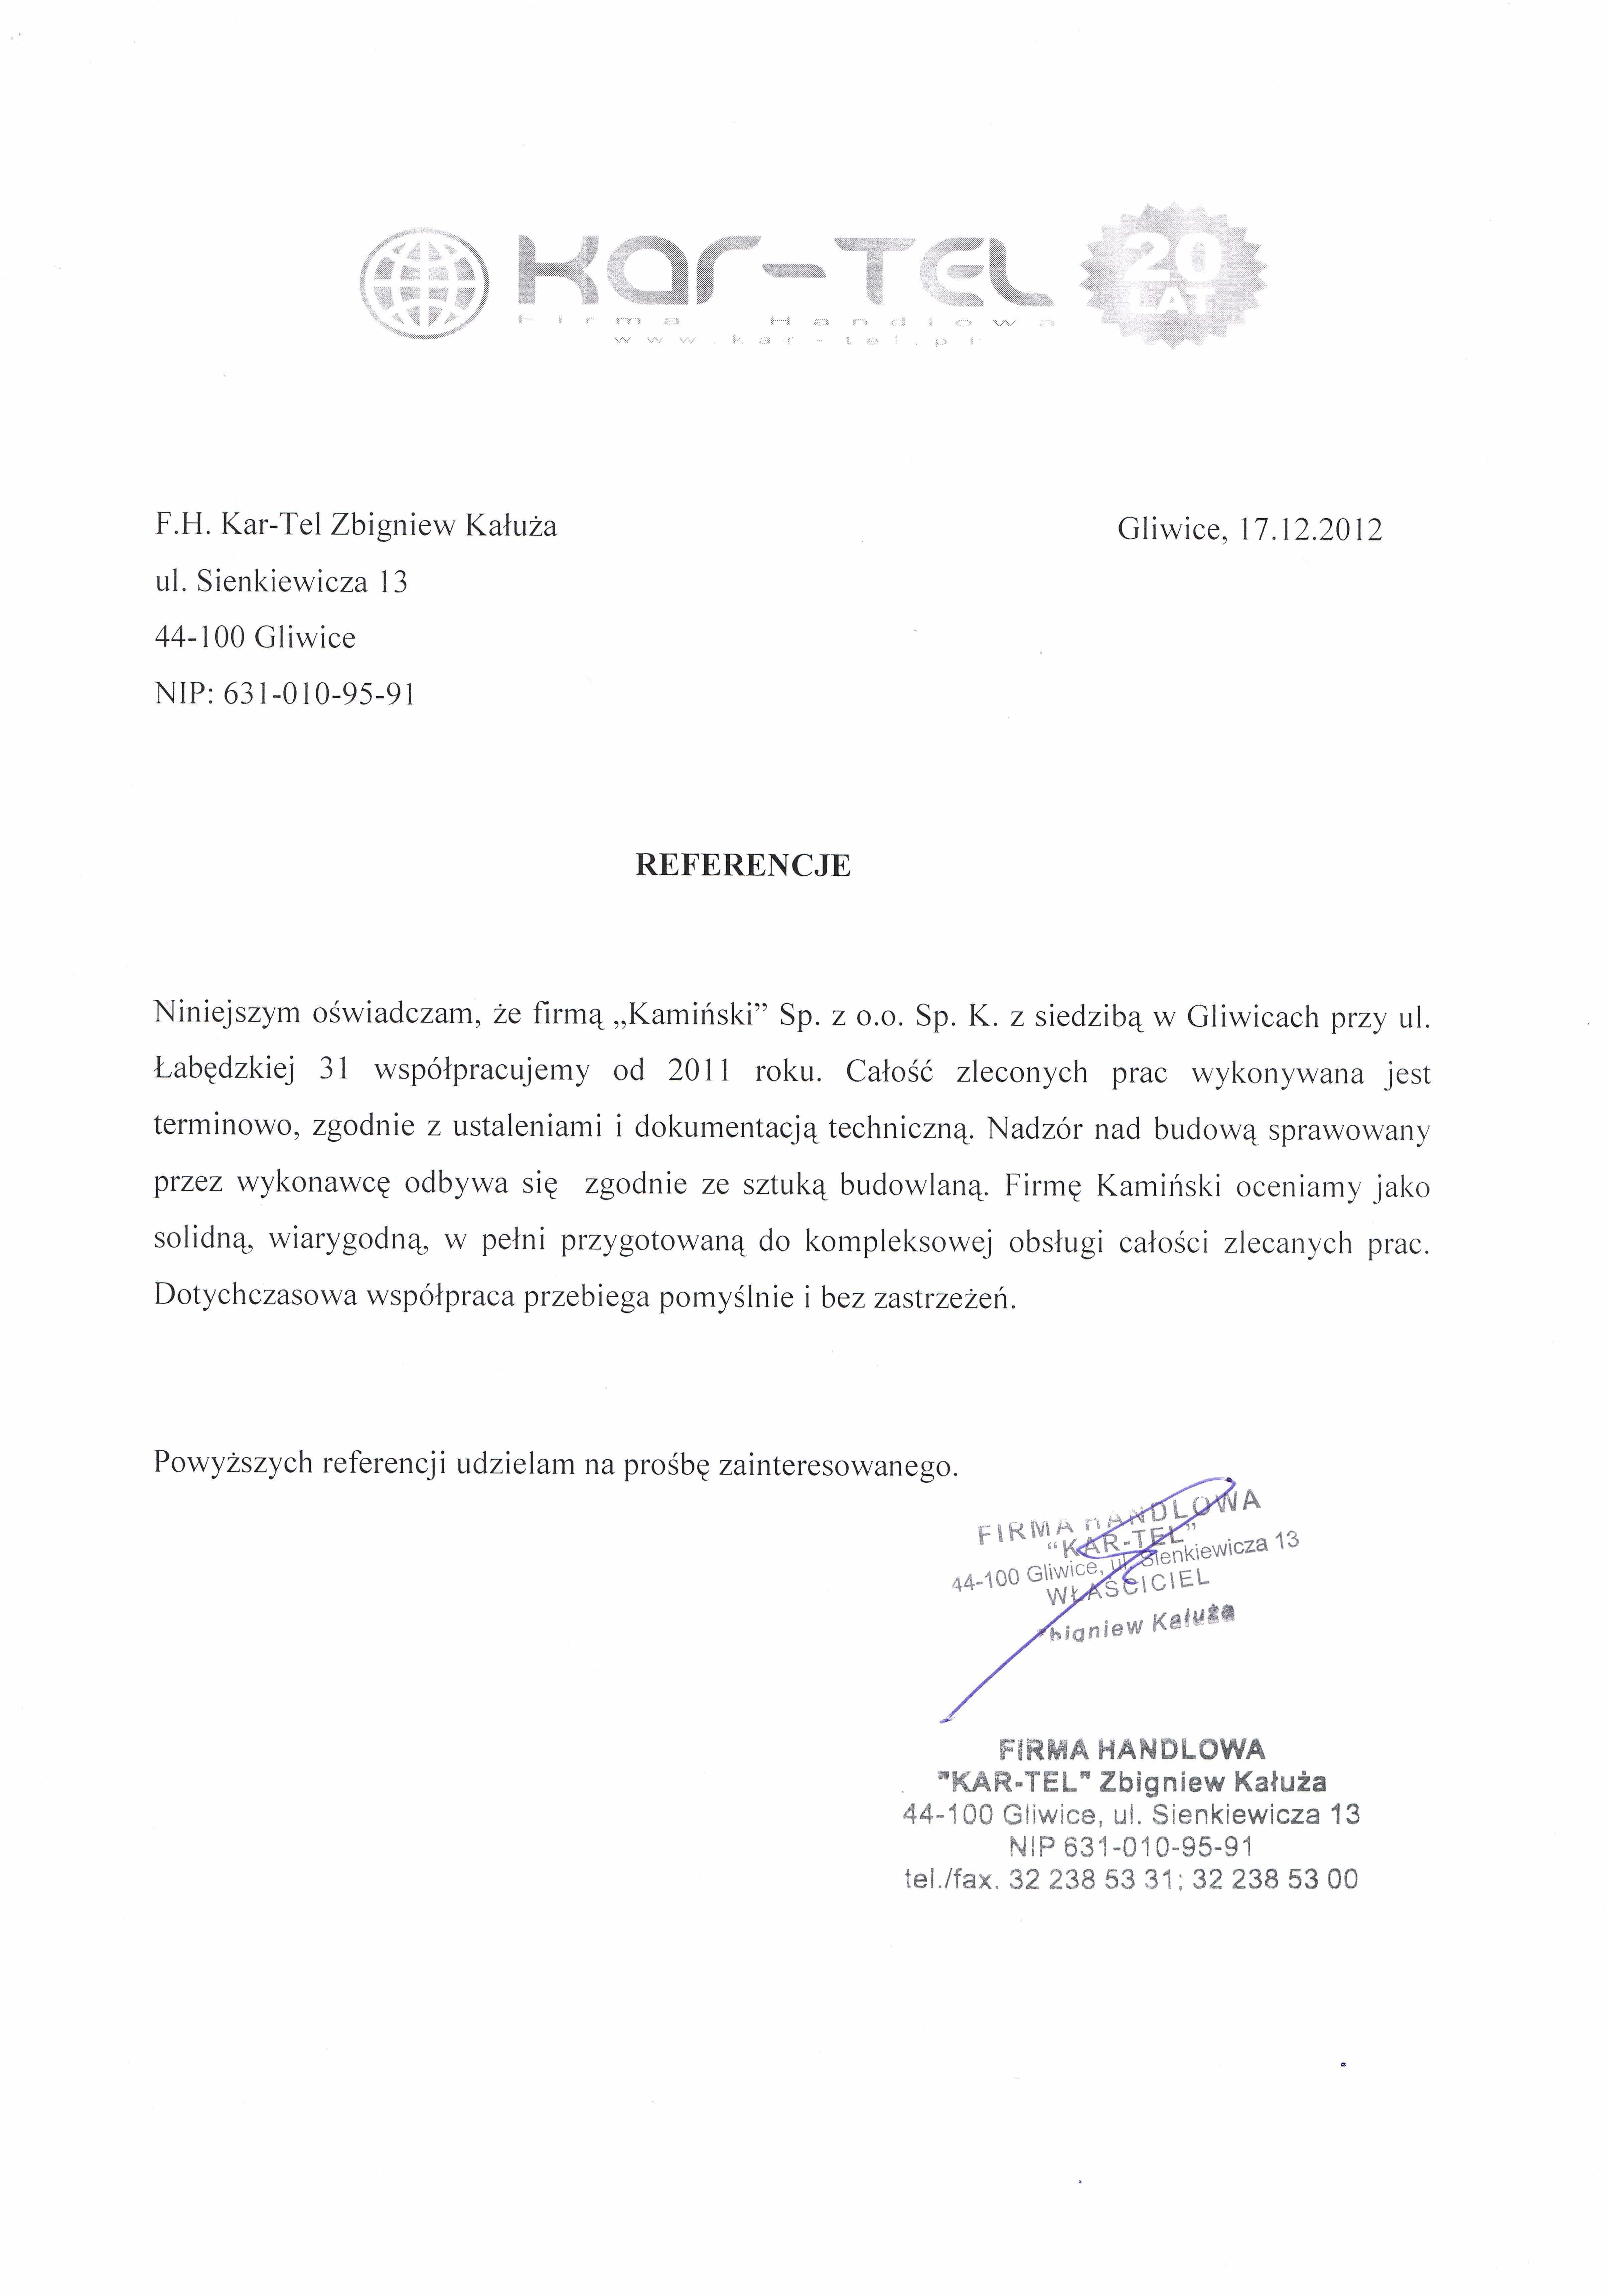 Generalne wykonawstwo Pasaż handlowy Jasna w Gliwicach Kar-Tel